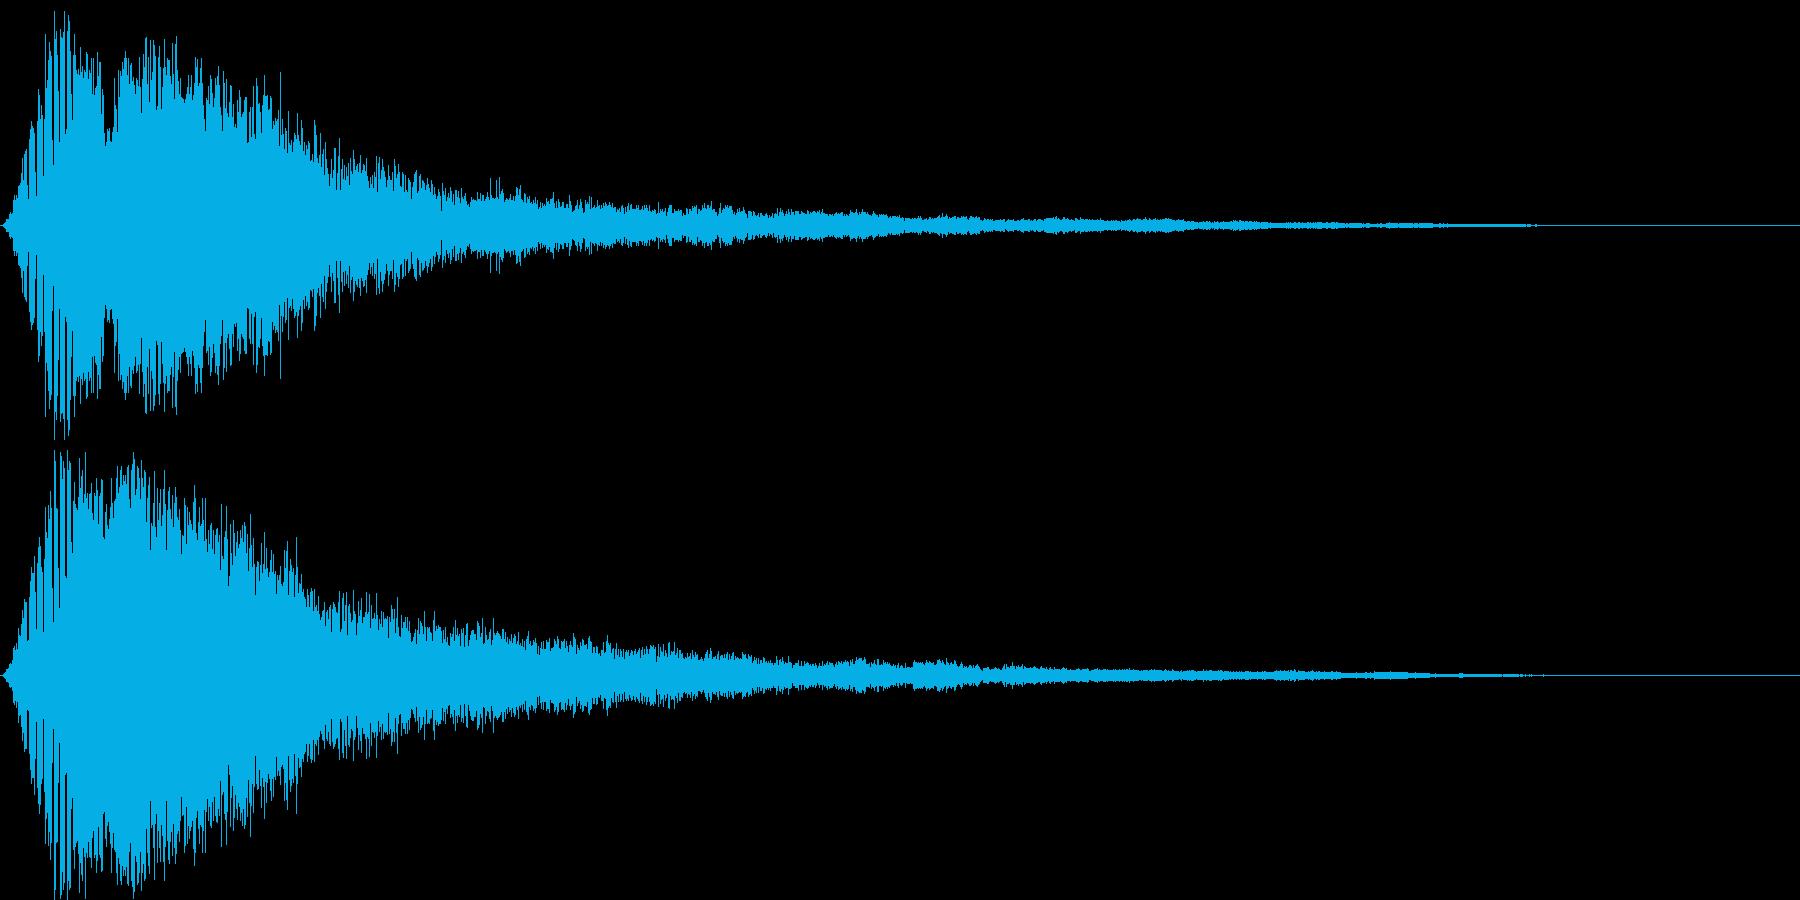 電子音・衝撃音(映画・映像作品)の再生済みの波形